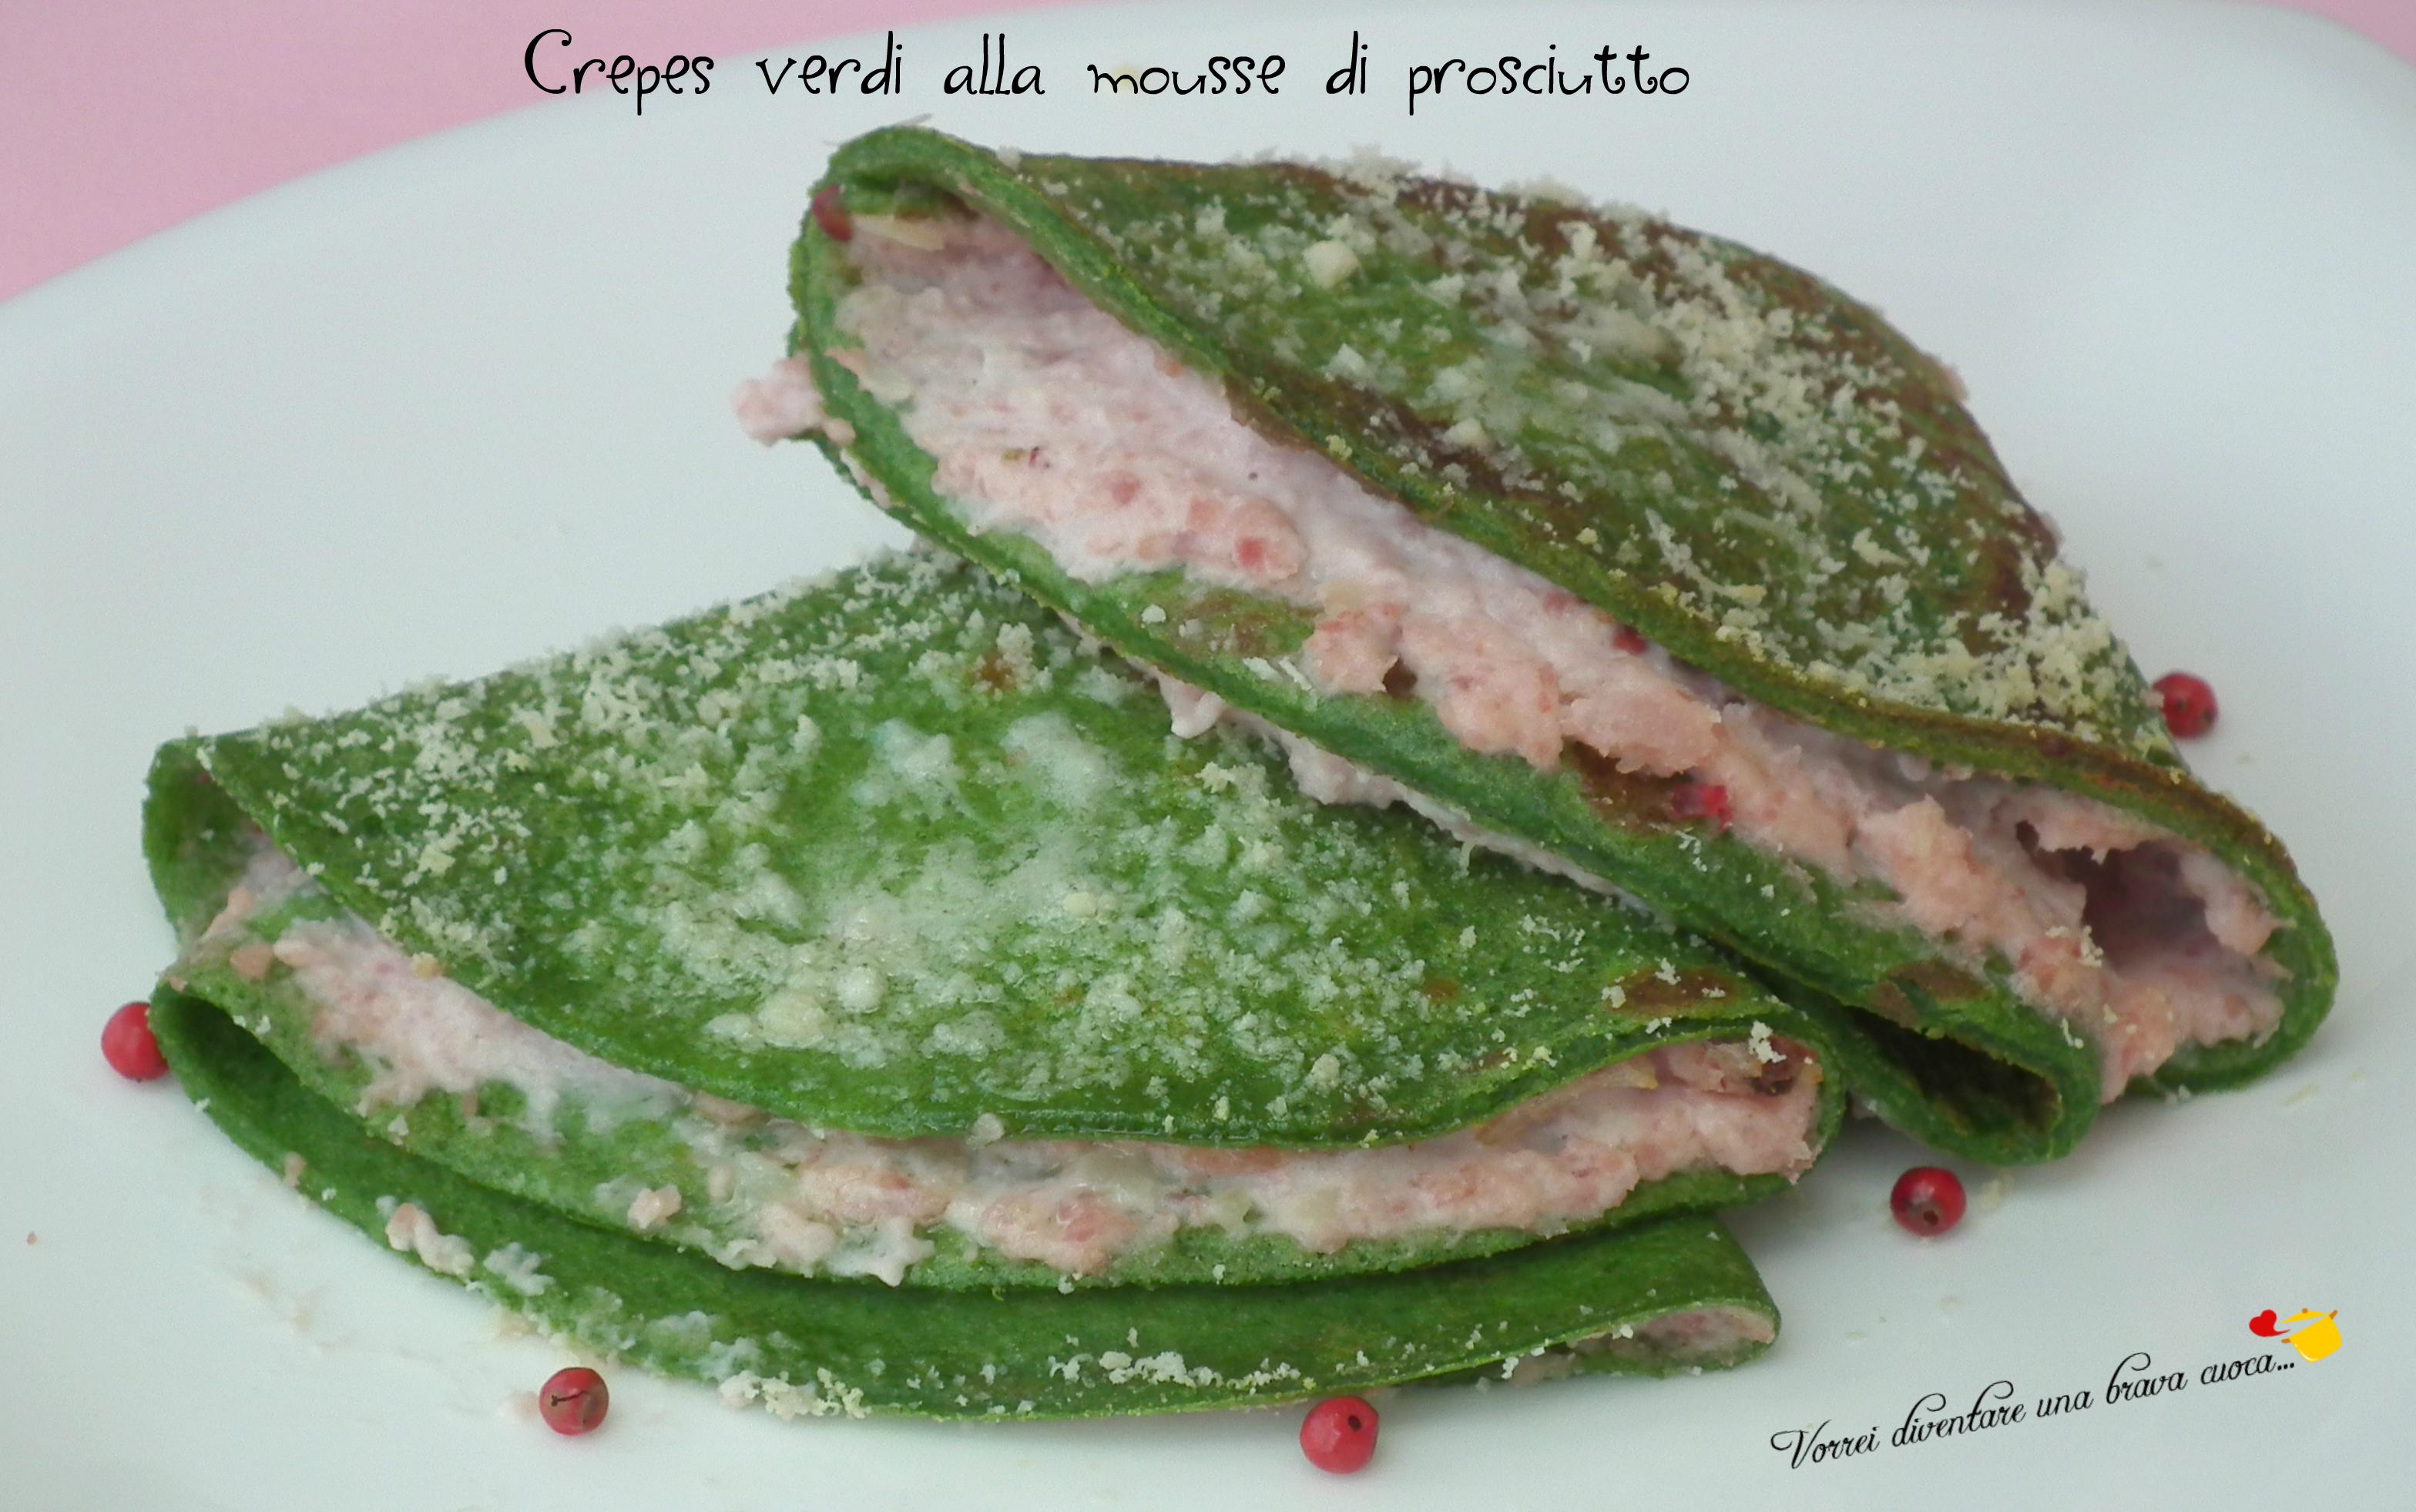 Crepes verdi alla mousse di prosciutto